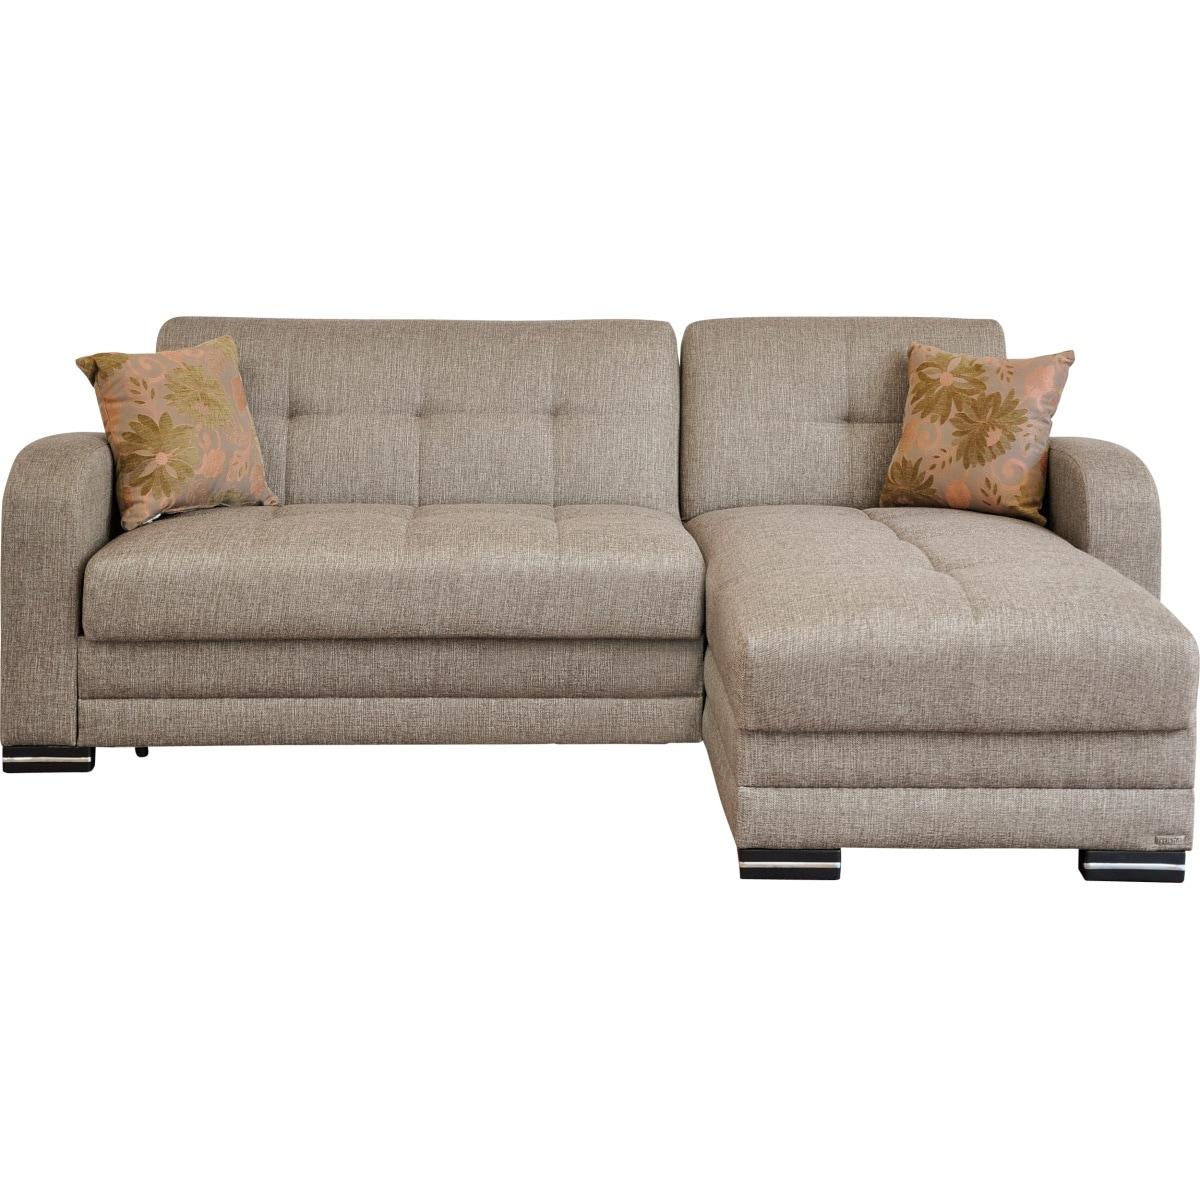 polsterecke braun eckgarnituren polsterm bel wohnen m bel boss. Black Bedroom Furniture Sets. Home Design Ideas